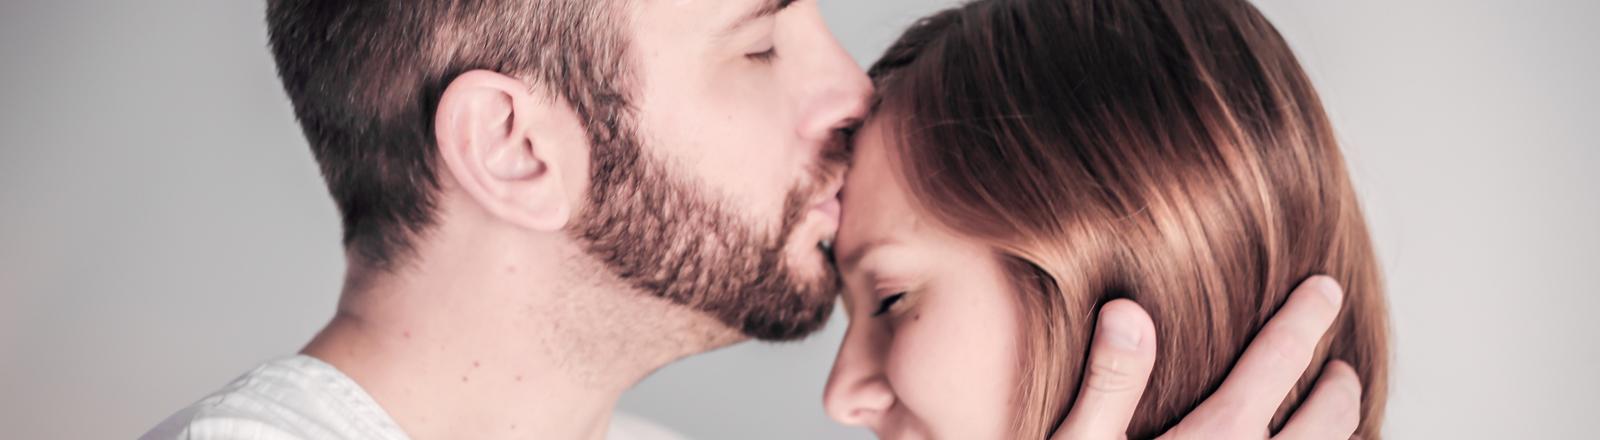 Ein Mann küsst eine Frau auf den Kopf